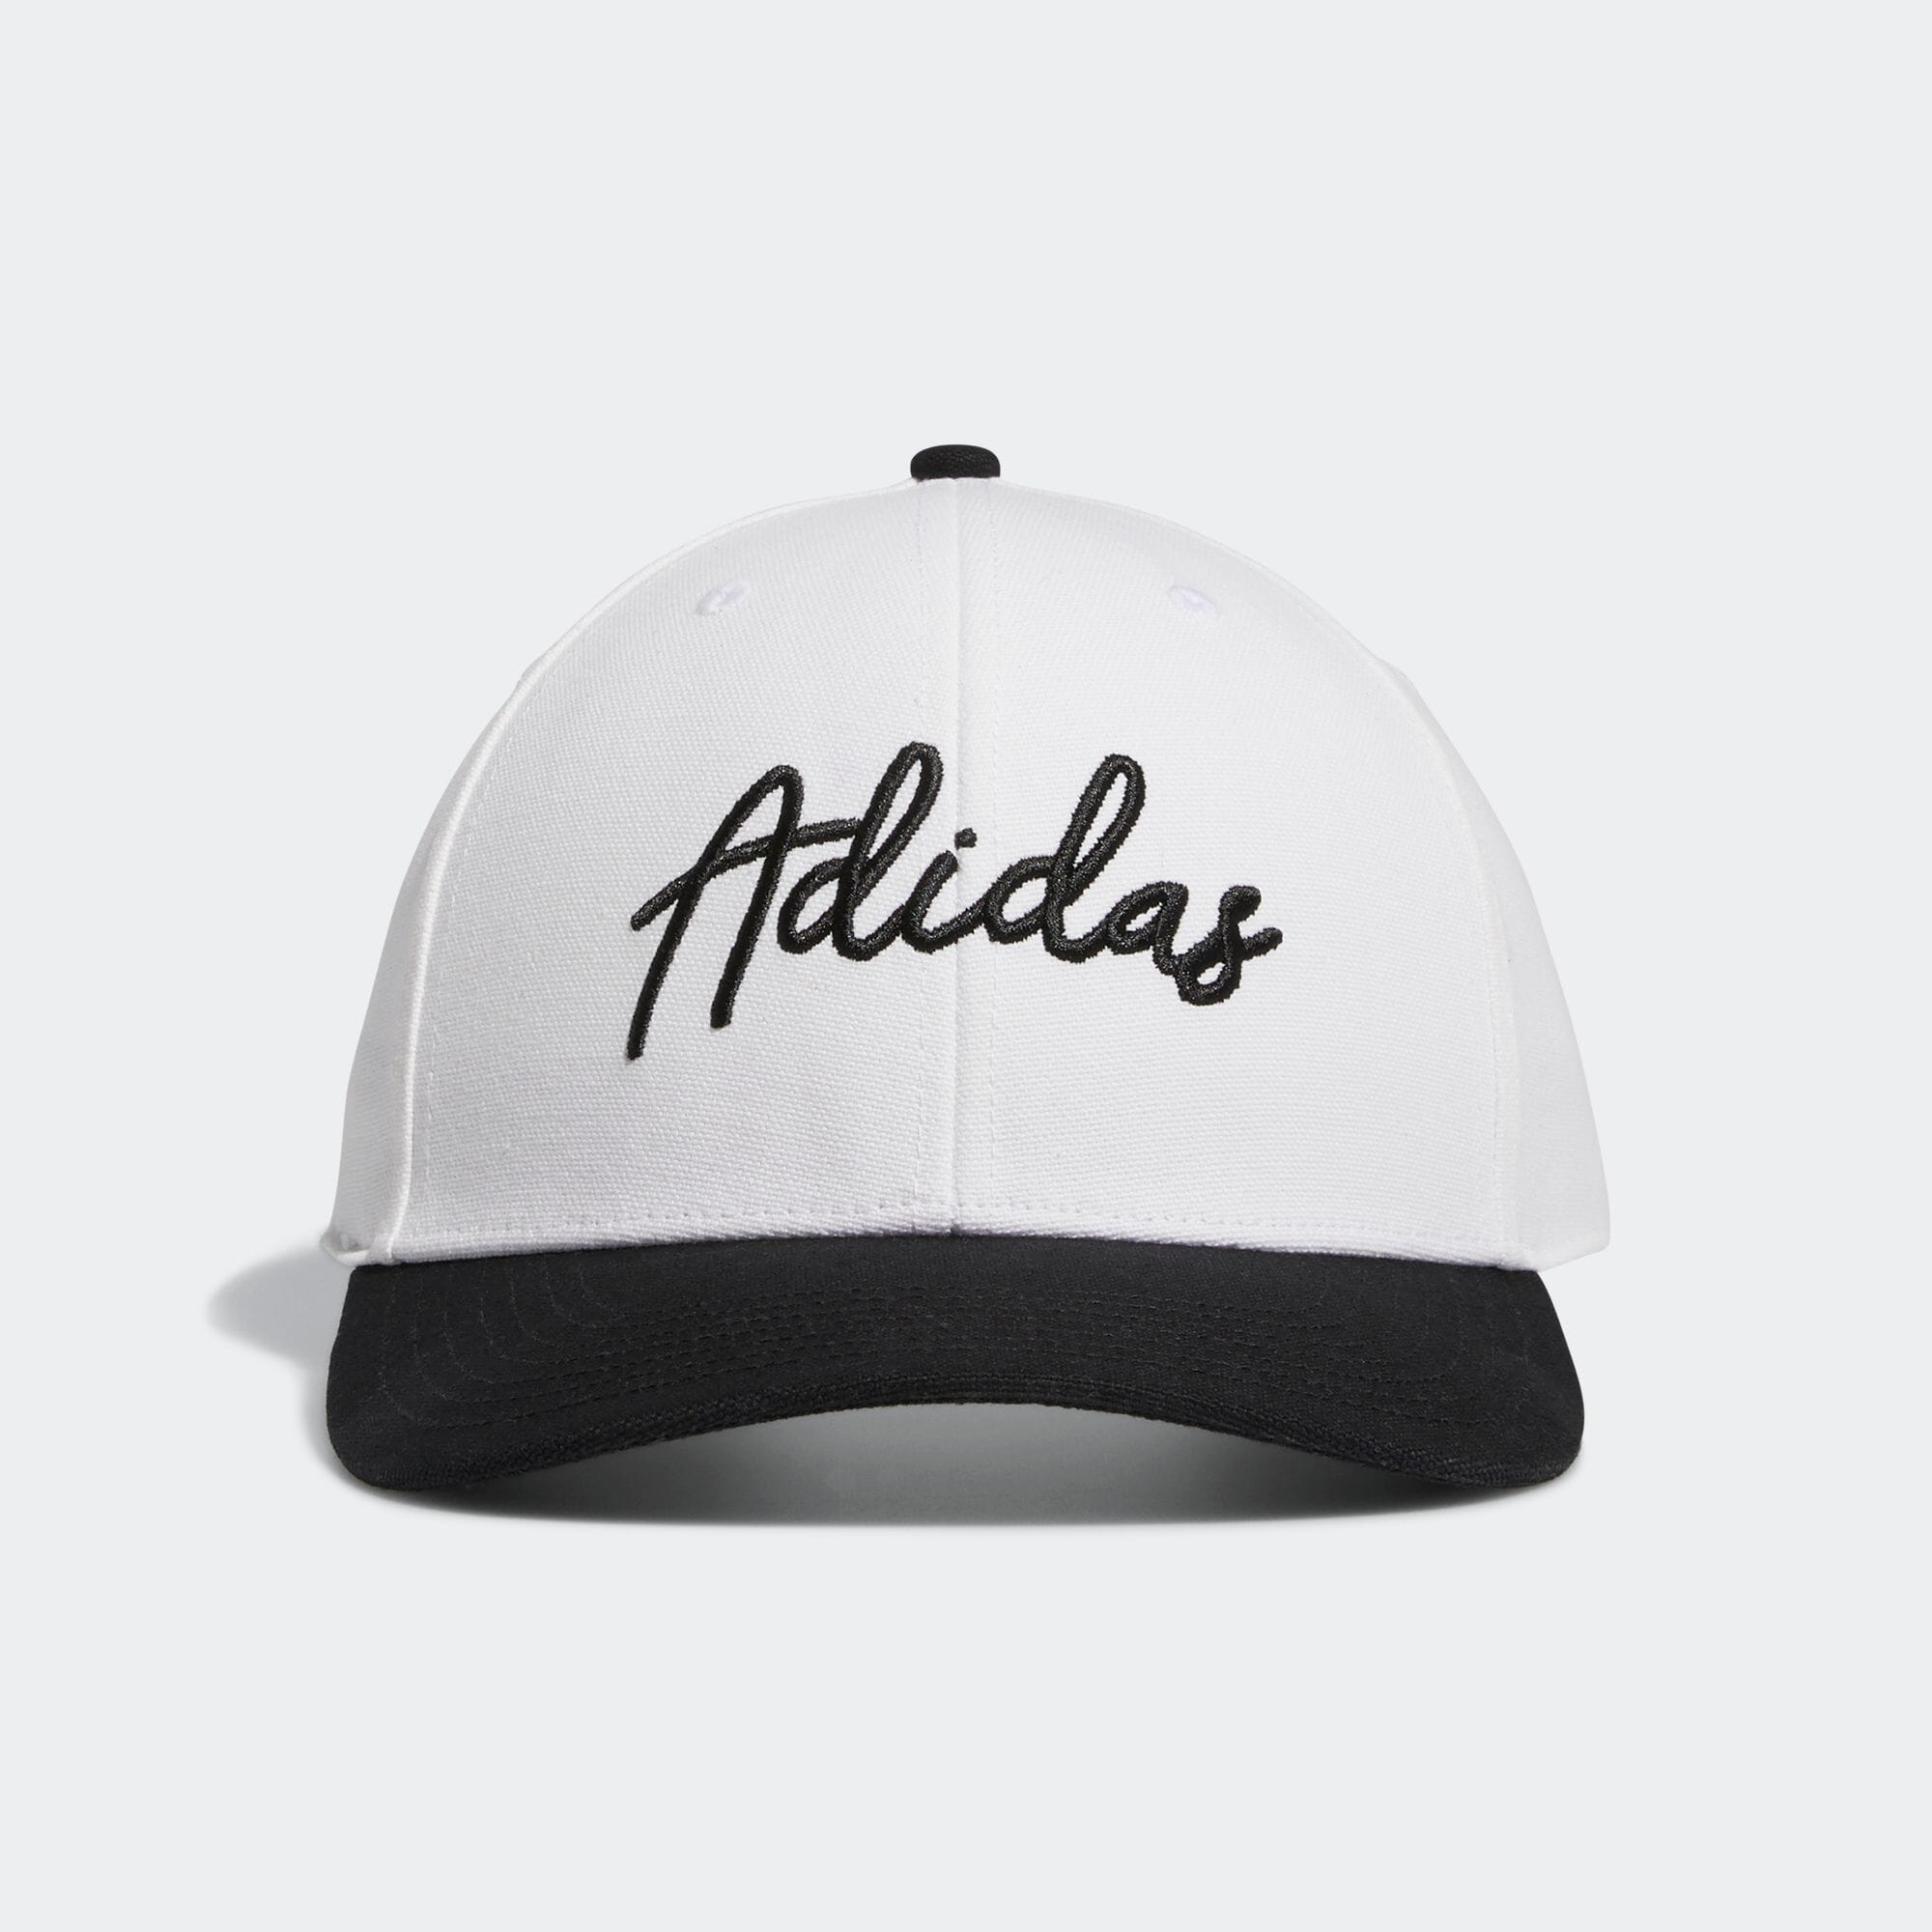 Adidasスクリプトキャップ 【ゴルフ】/ adidas Script Curved Snapback Hat